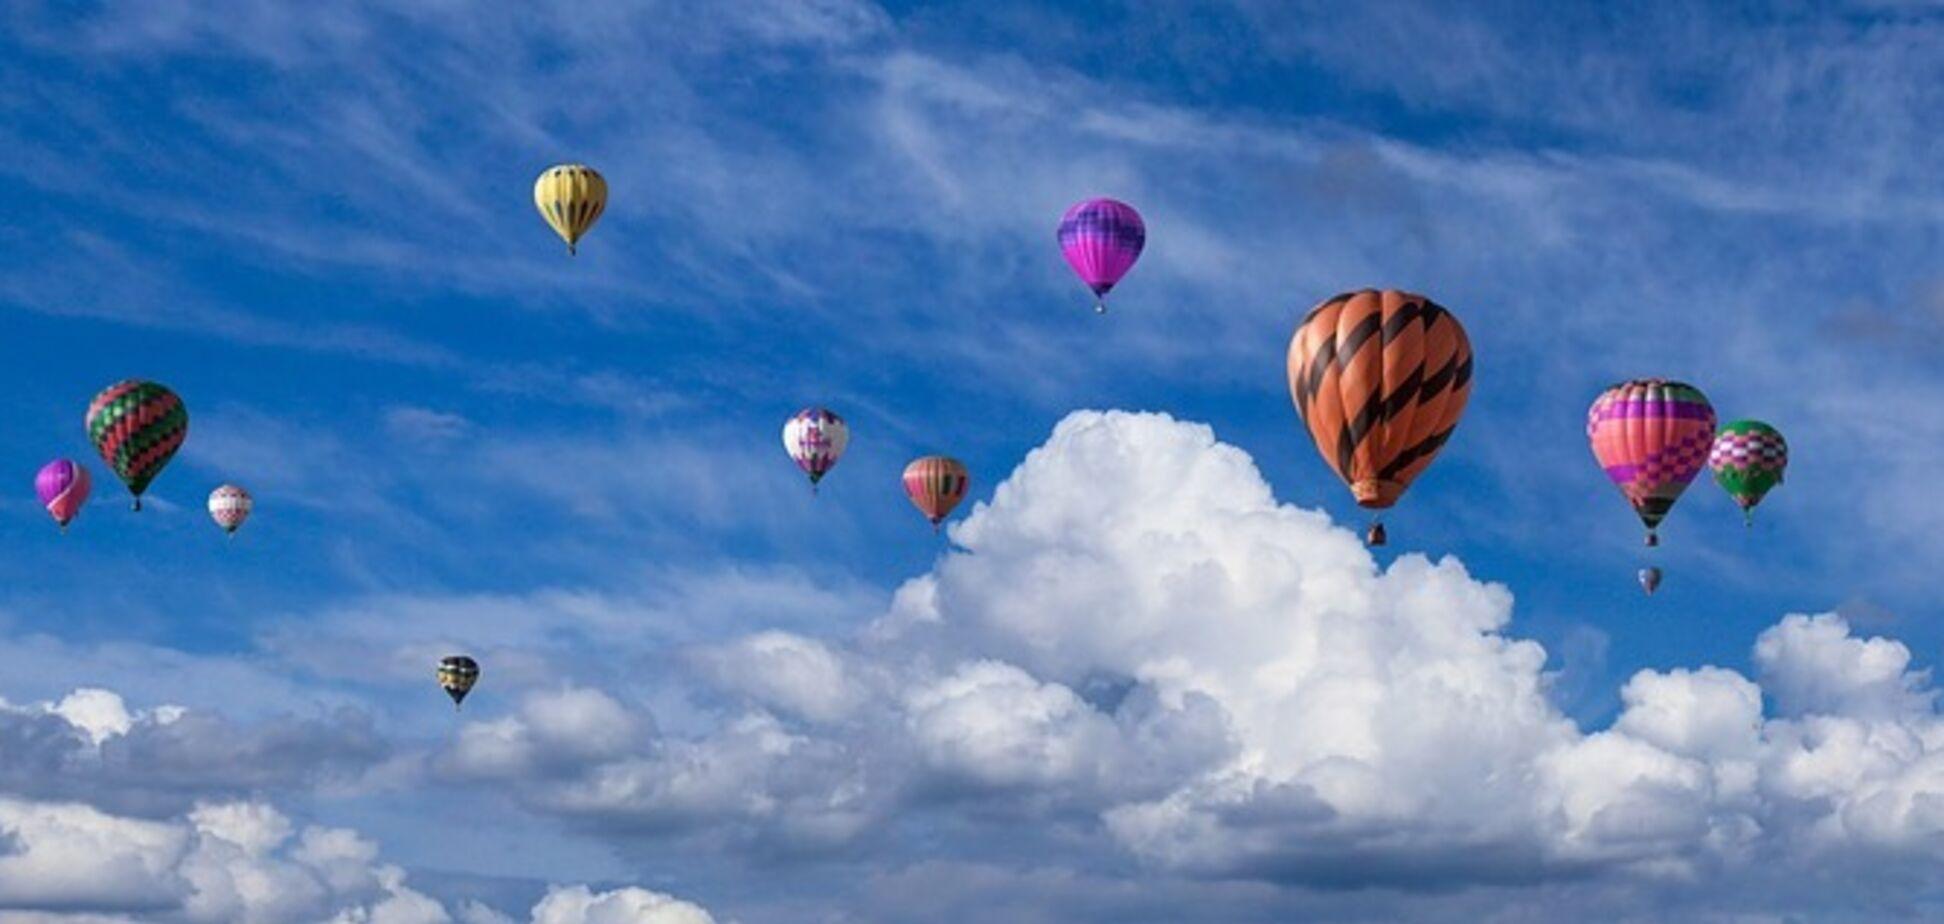 Выпал с воздушного шара: под Львовом произошла страшная трагедия